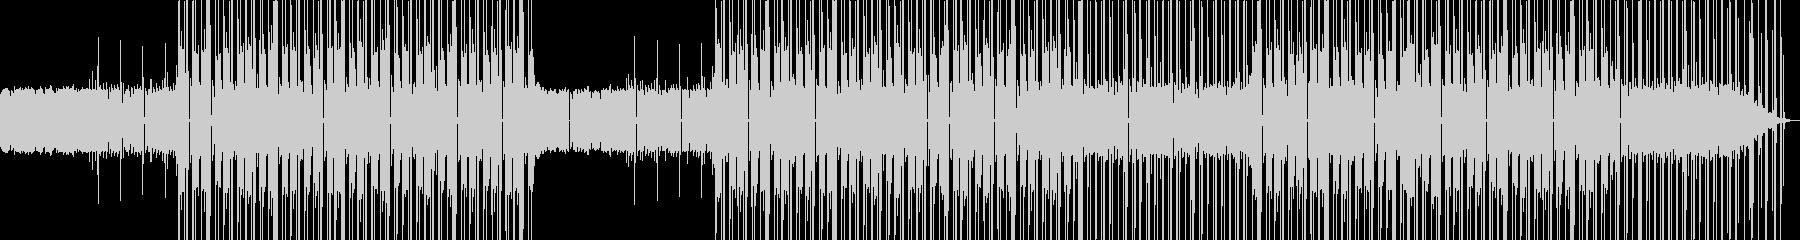 おしゃれなローファイヒップホップビートの未再生の波形